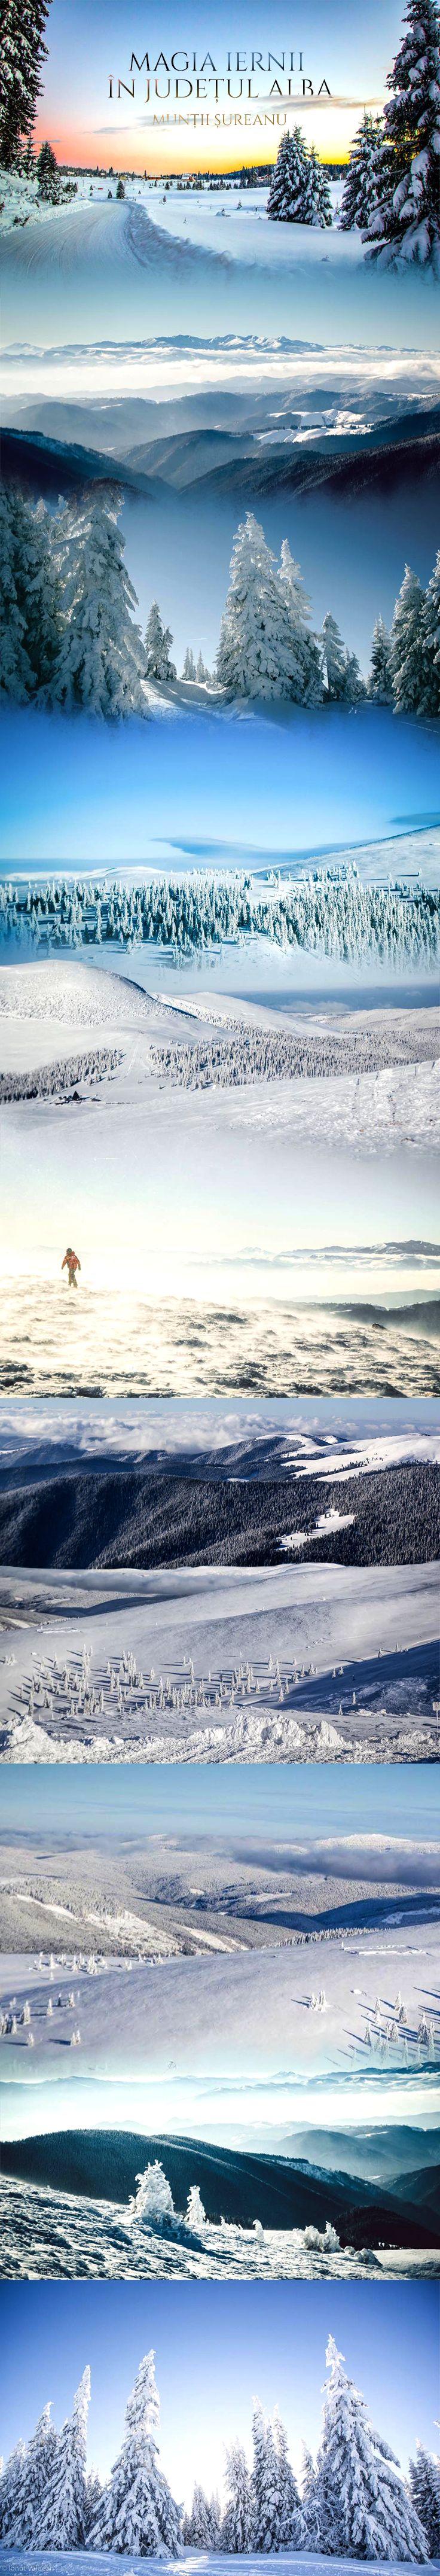 Imagini surprinse în munții Șureanu în Apropierea Domeniului Schiabil Șureanu, unul dintre cele mai noi domenii de ski din România, inaugurat în anul 2009. #RomaniaFrumoasa #Romania #AlbaFrumoasa #Tourism #landscape #photography #winter Foto: Ionut Vaidean